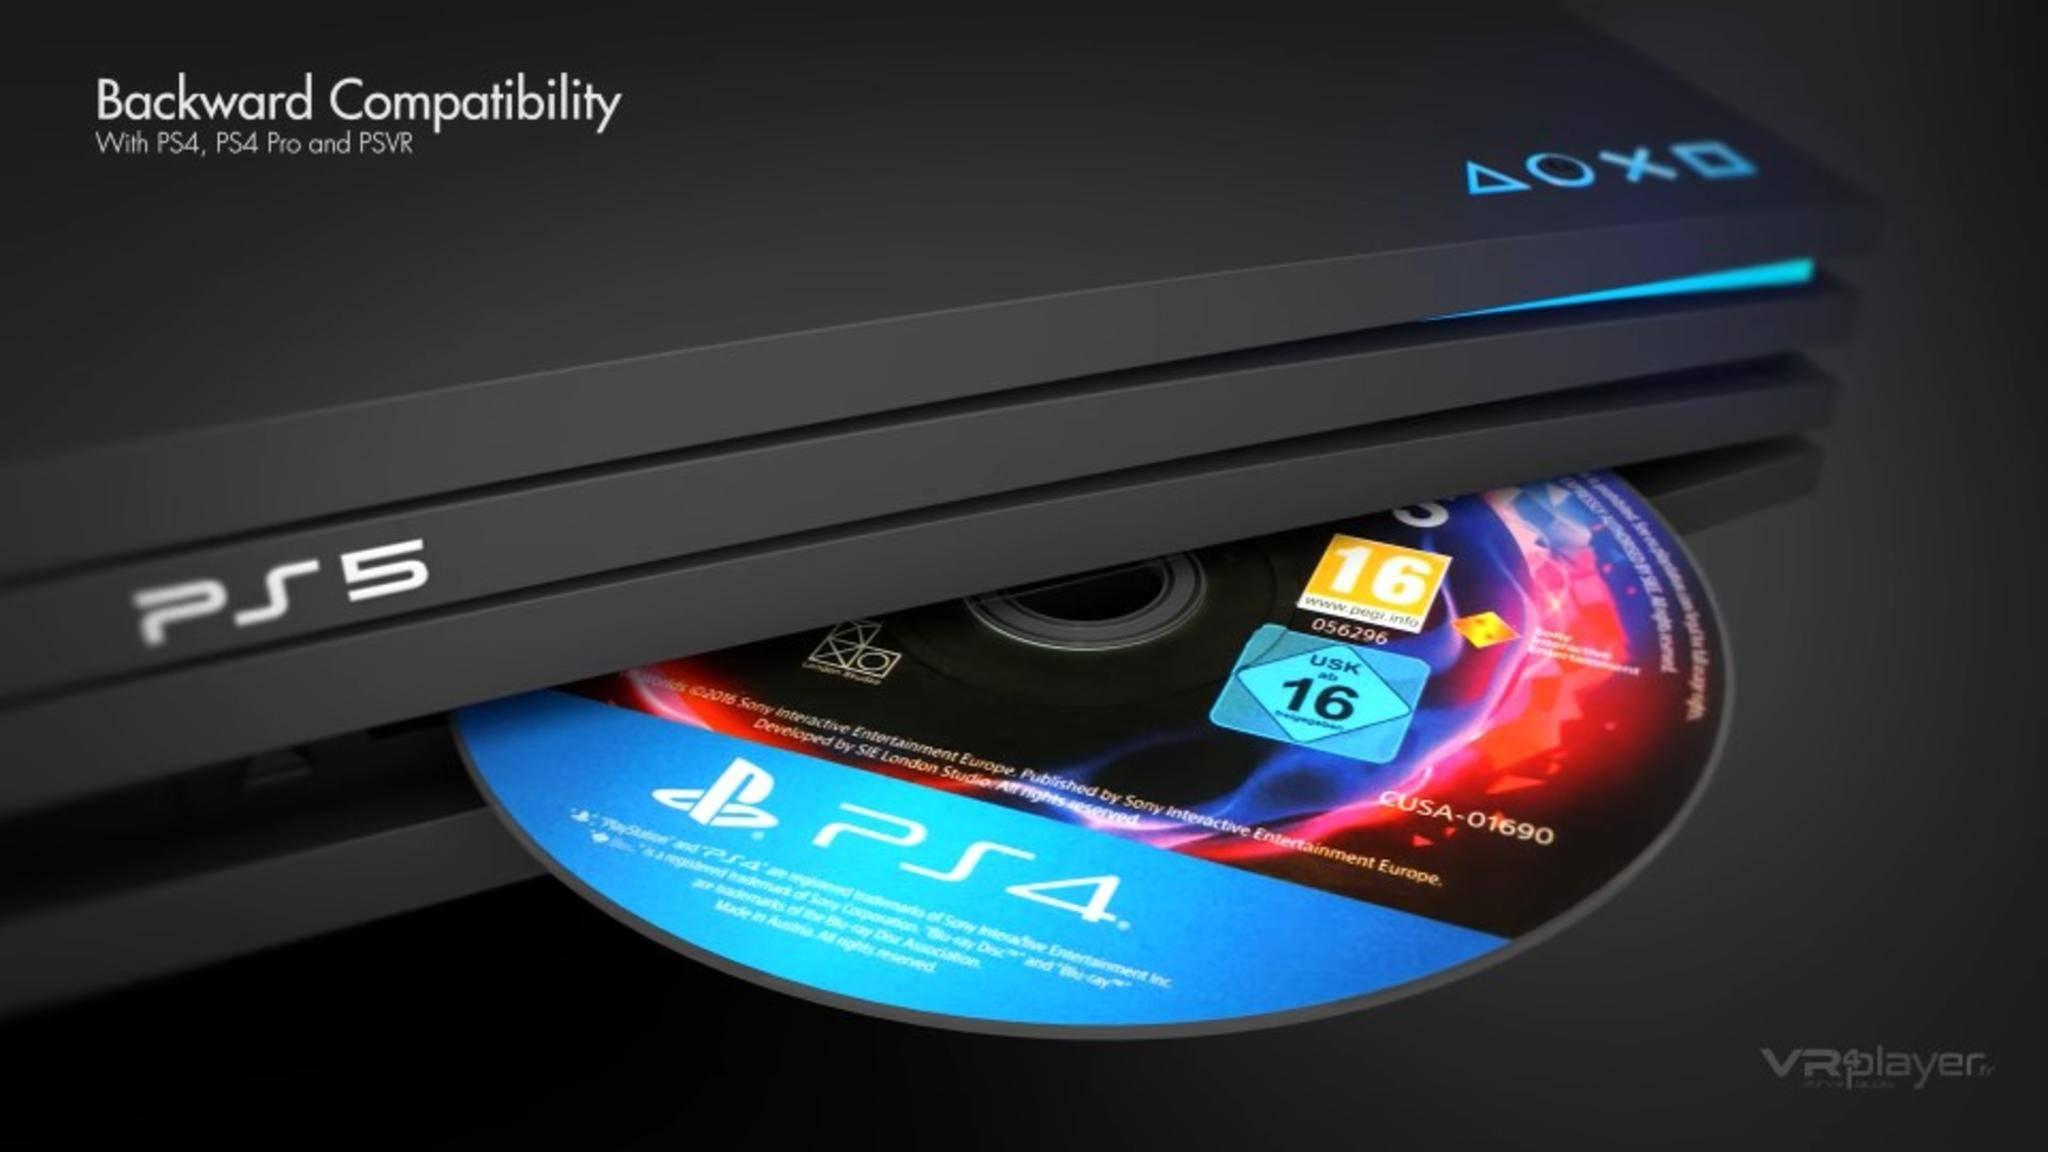 Grundsätzlich soll es eine Abwärtskompatibilität auf der PS5 geben, aber vielleicht nicht für alle PS4-Titel.